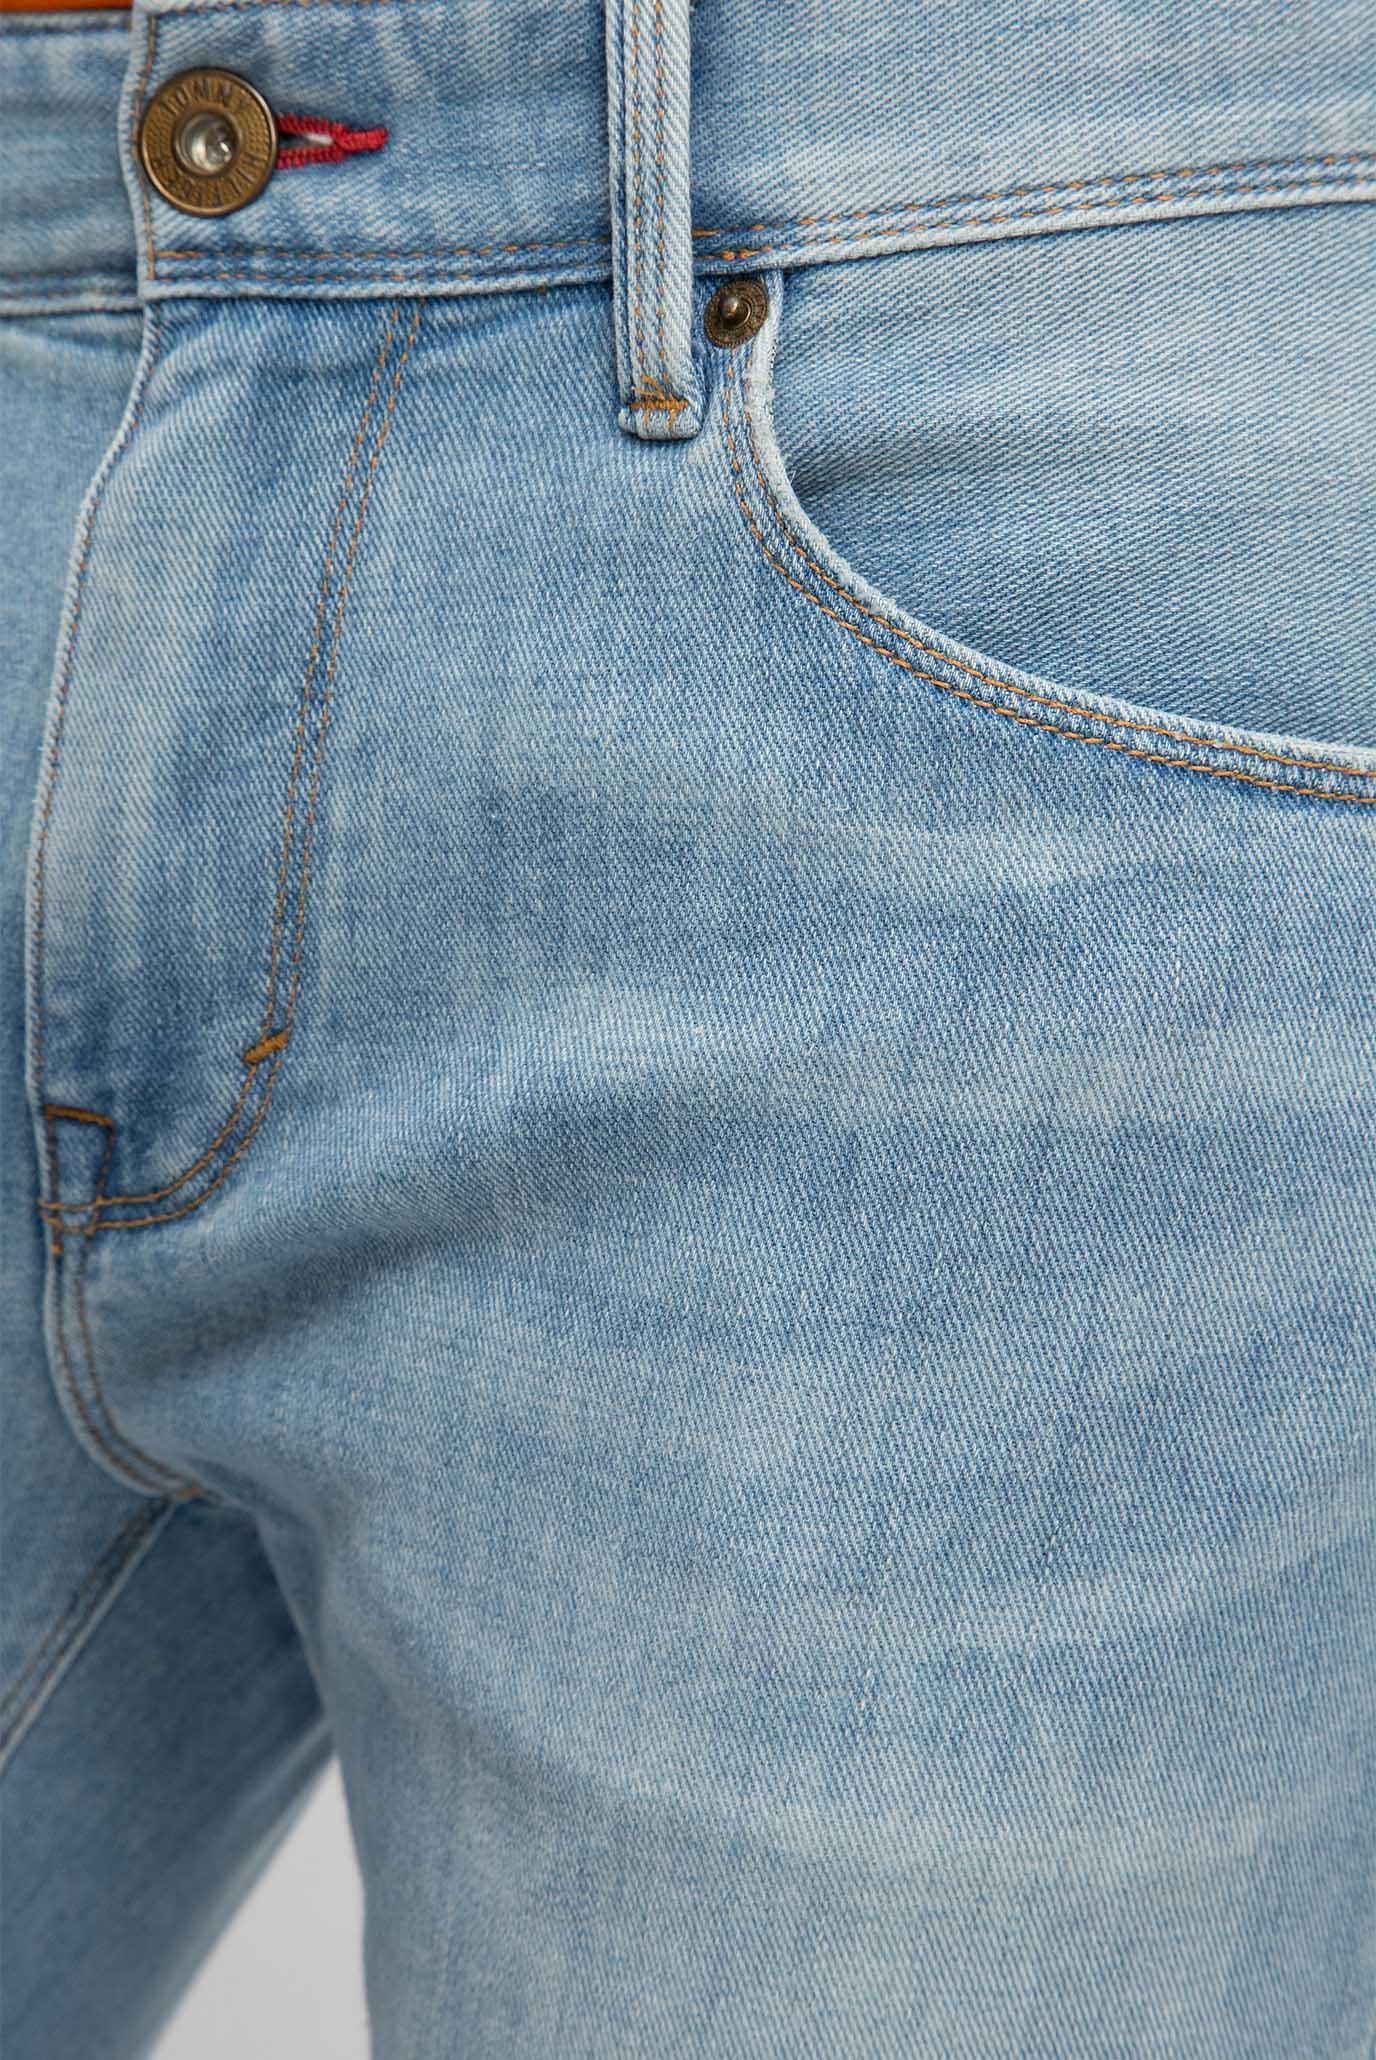 Купить Мужские синие джинсы DENTON  Tommy Hilfiger Tommy Hilfiger MW0MW06363 – Киев, Украина. Цены в интернет магазине MD Fashion